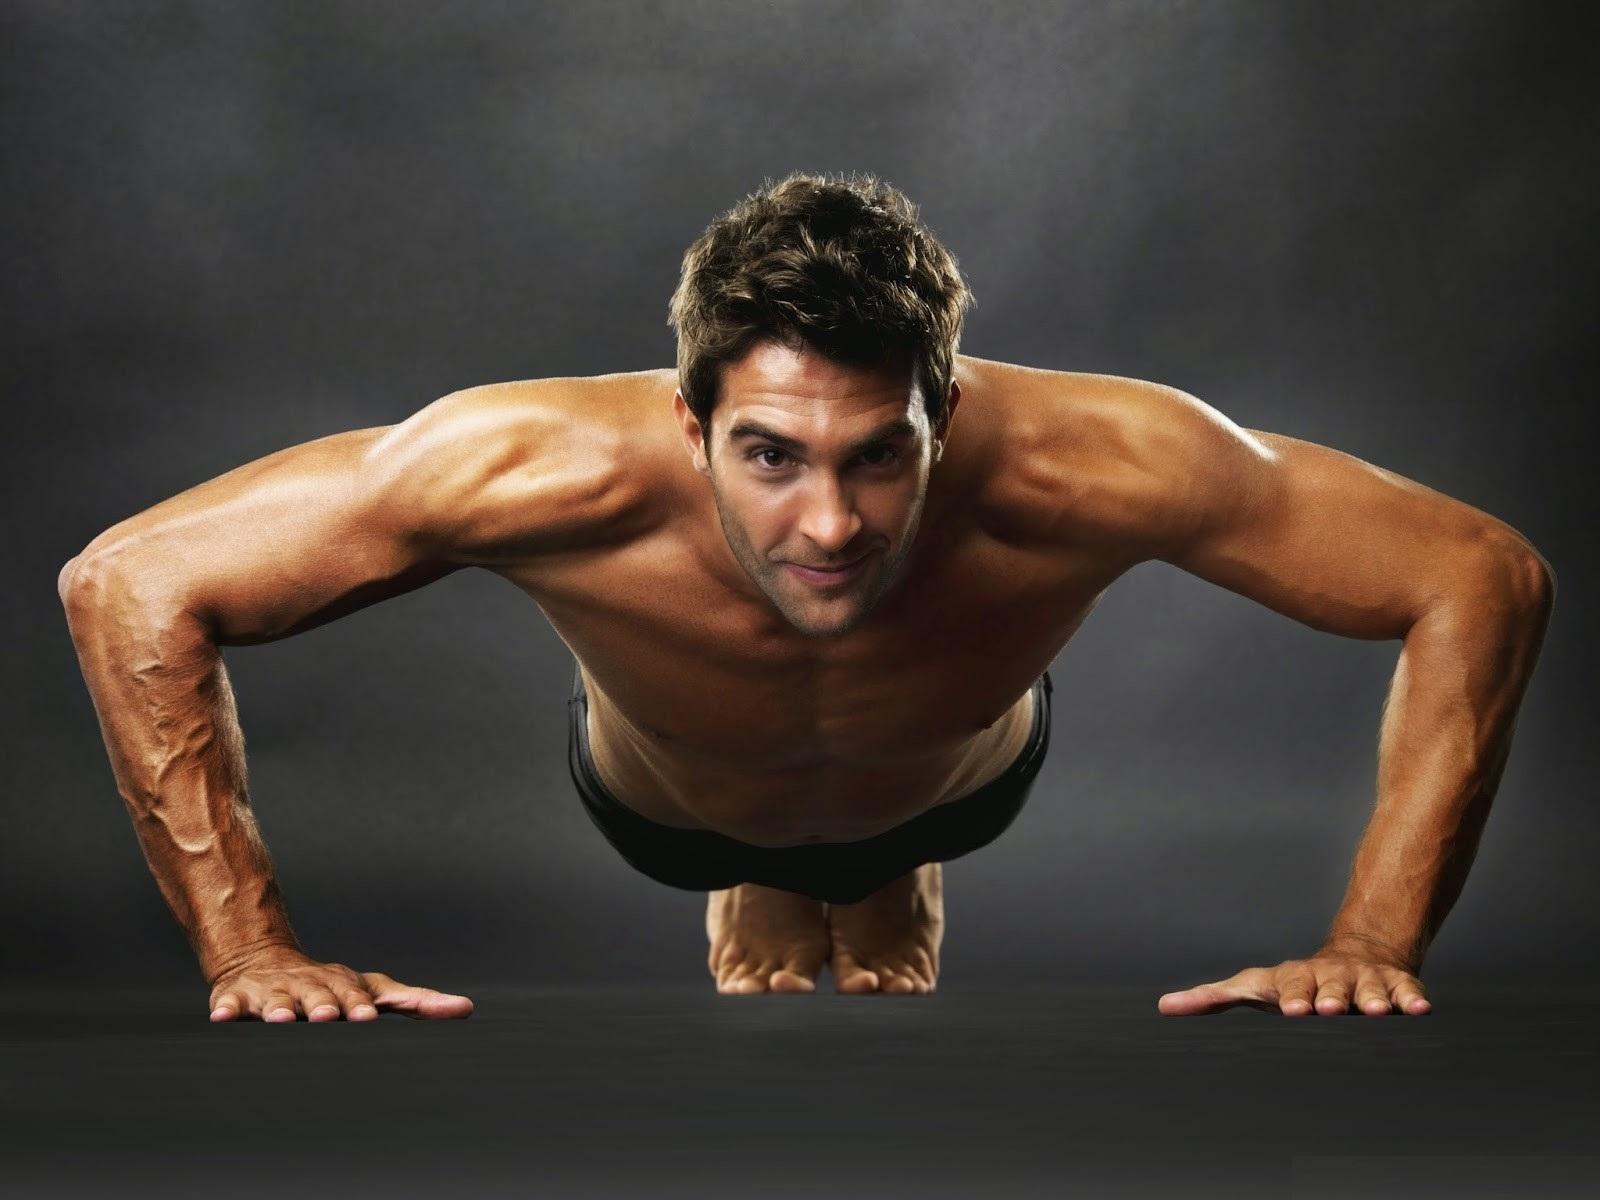 Комплекс упражнений для укрепления мышц спины в домашних условиях